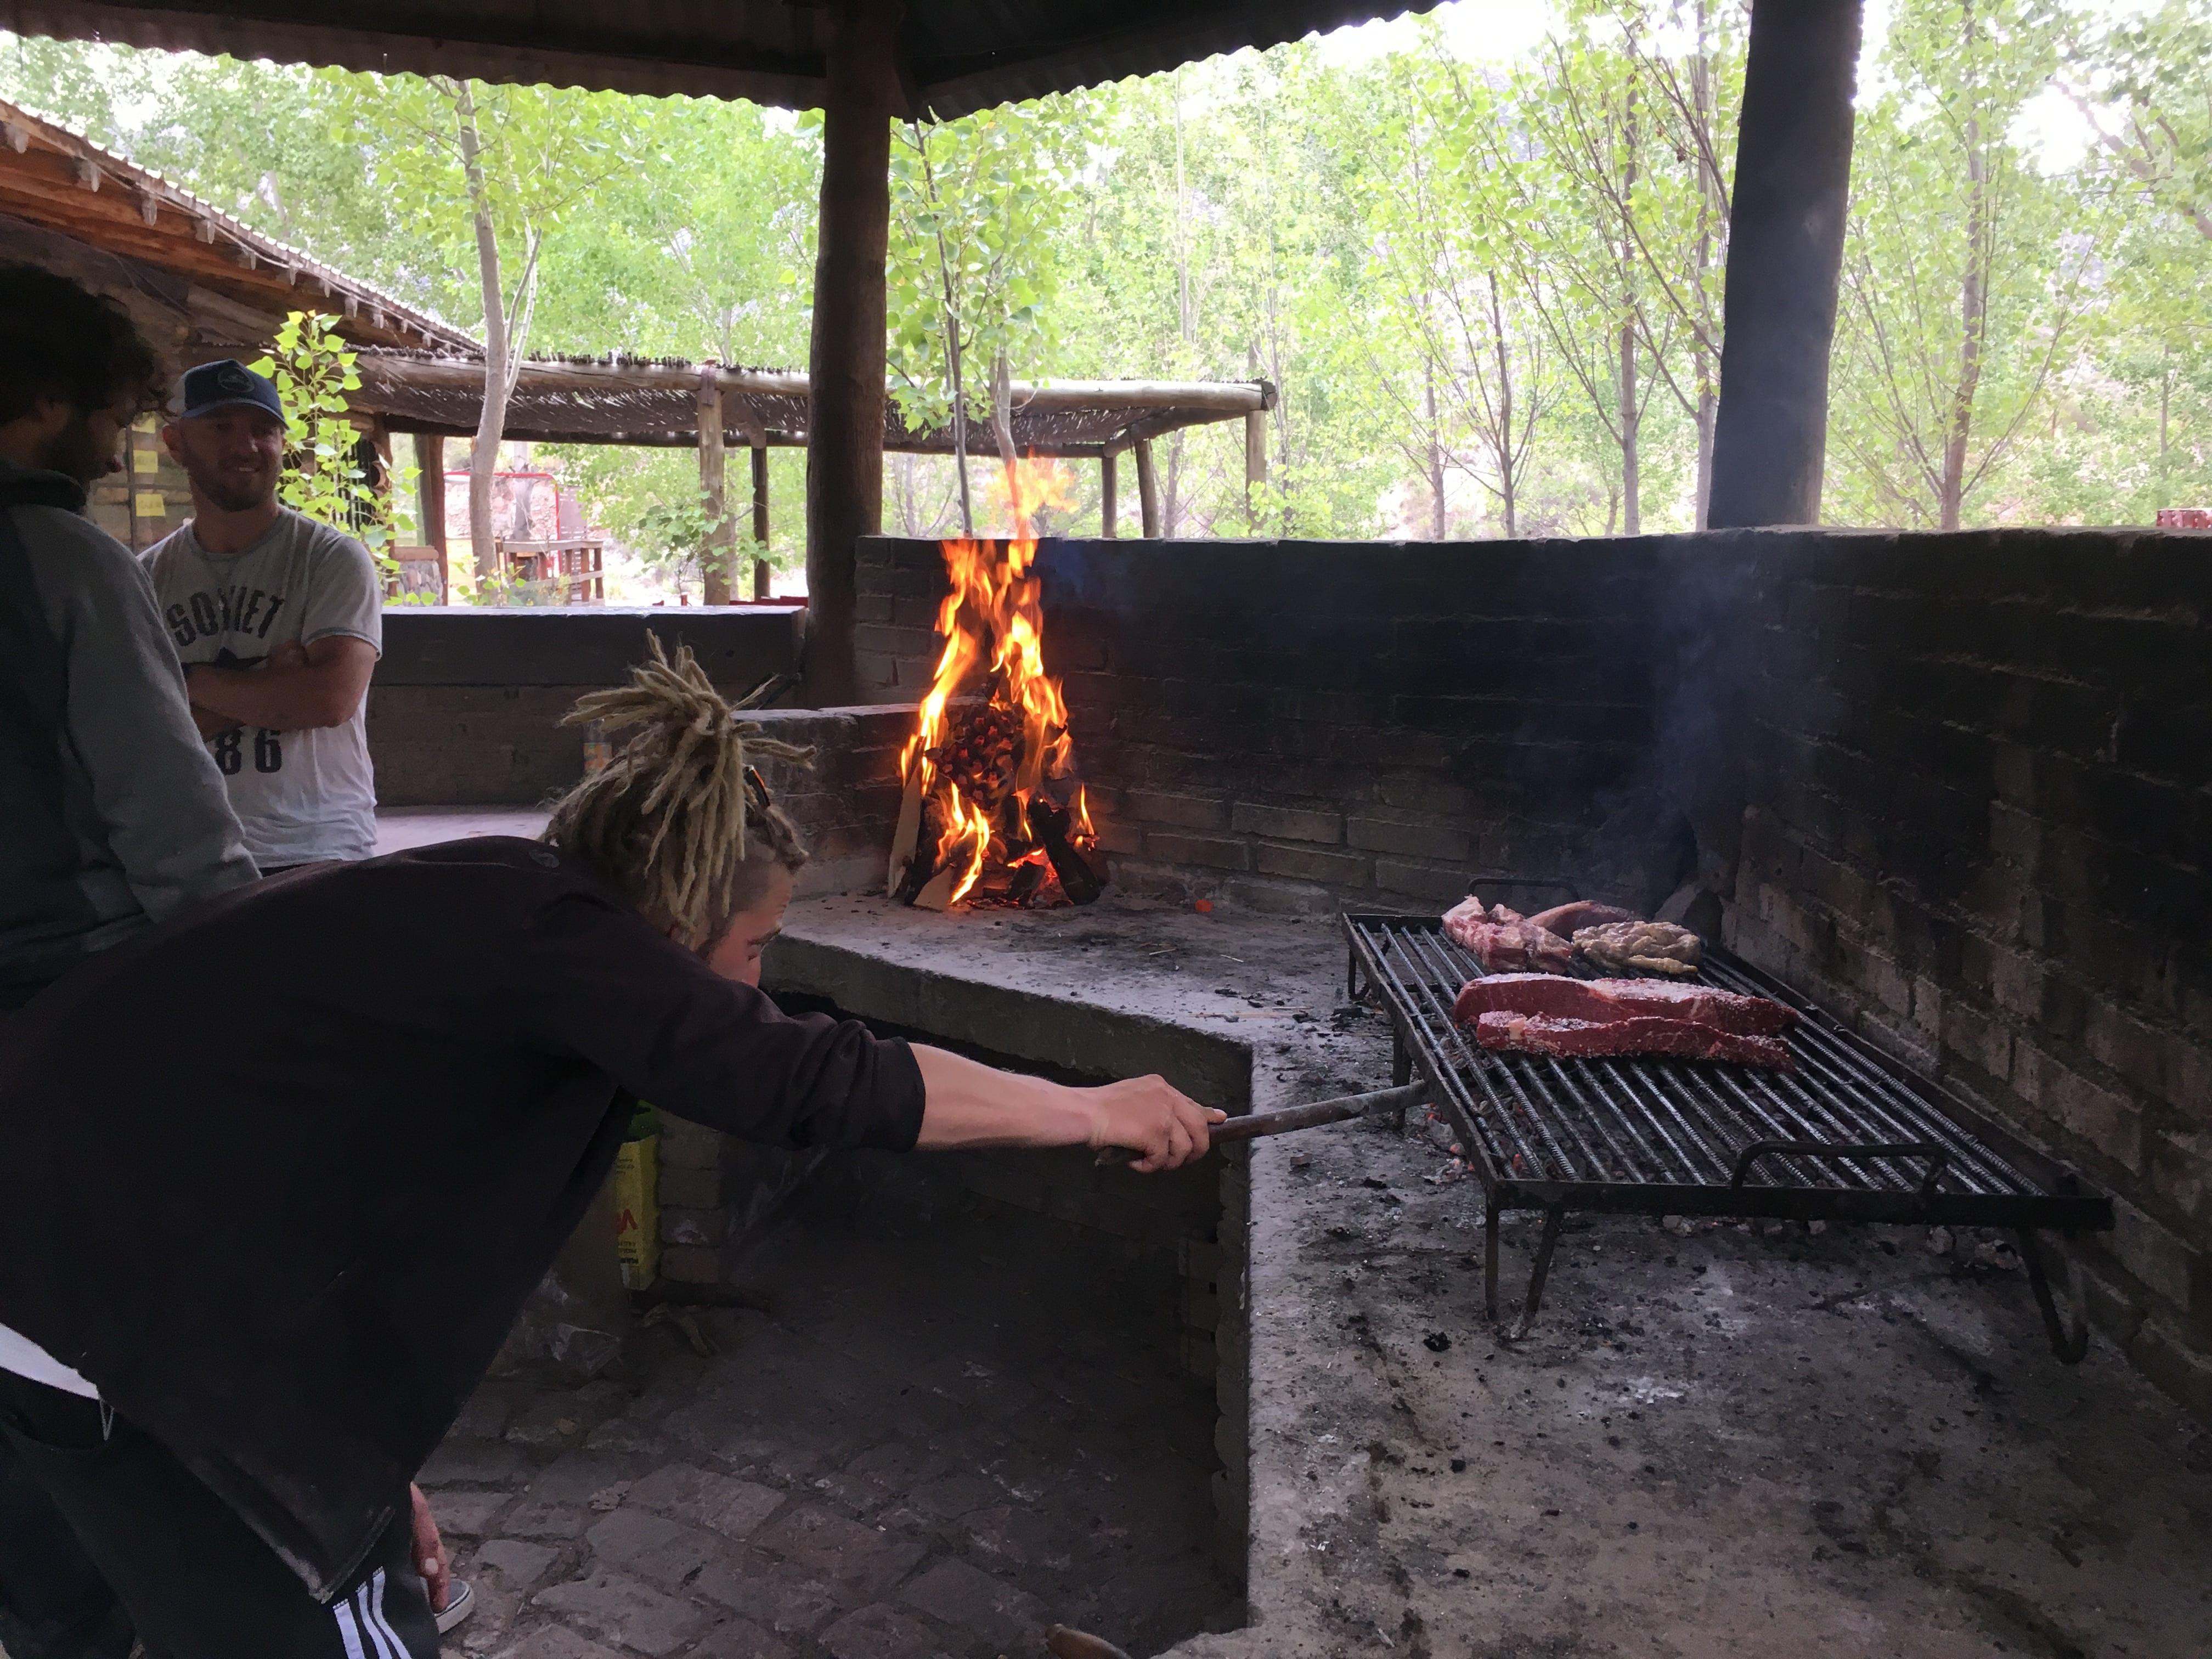 Rozdělávání ohně je rituál. Je potřeba mít dodstatek uhlíků a umět je včas rozpálit